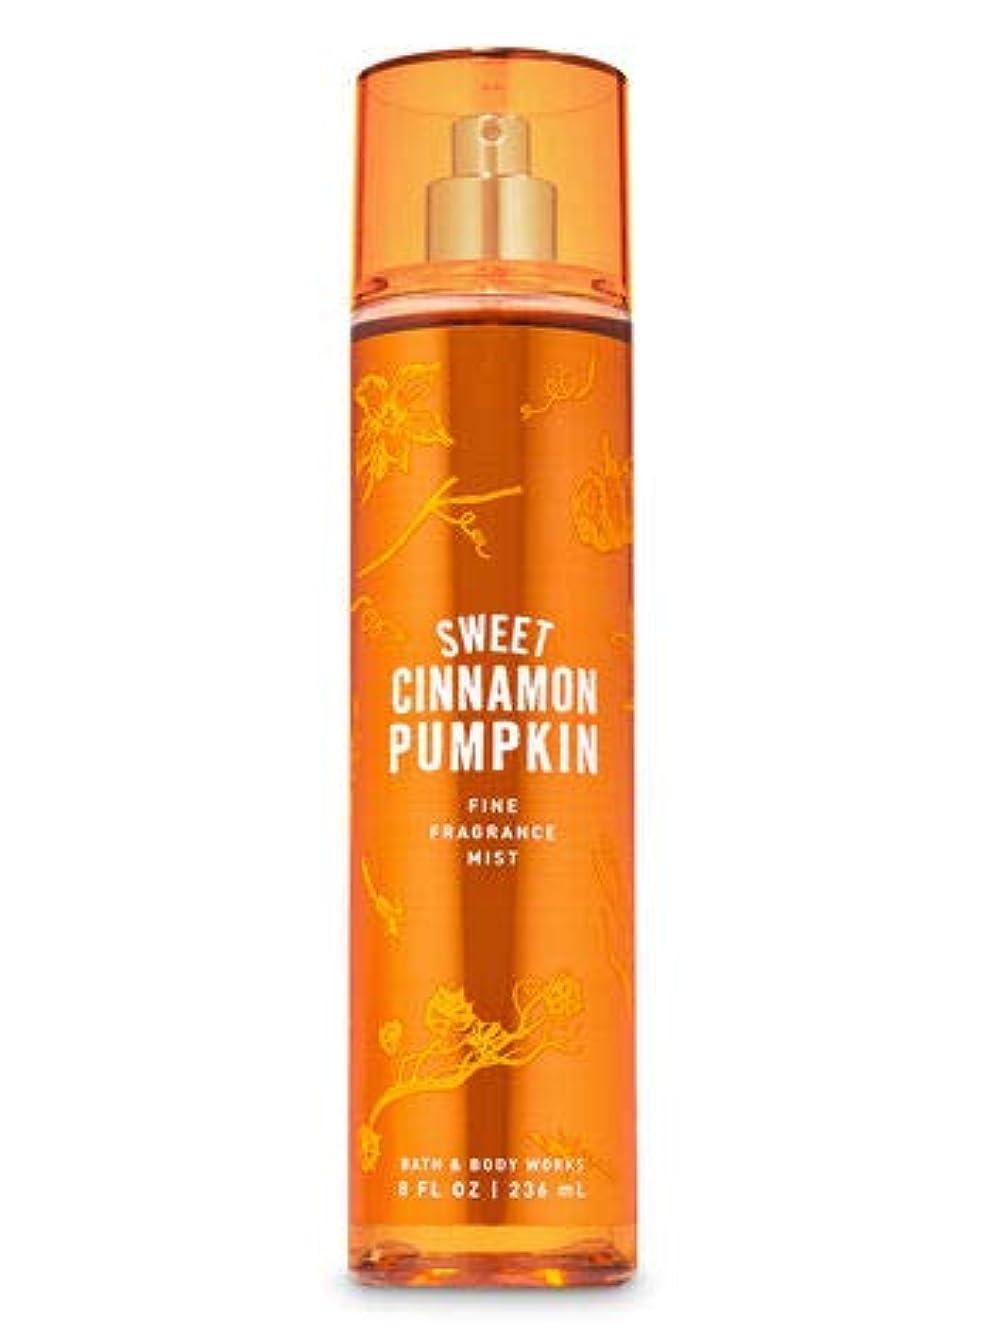 バレエ人道的画像【Bath&Body Works/バス&ボディワークス】 ファインフレグランスミスト スイートシナモンパンプキン Fine Fragrance Mist Sweet Cinnamon Pumpkin 8oz (236ml) [並行輸入品]